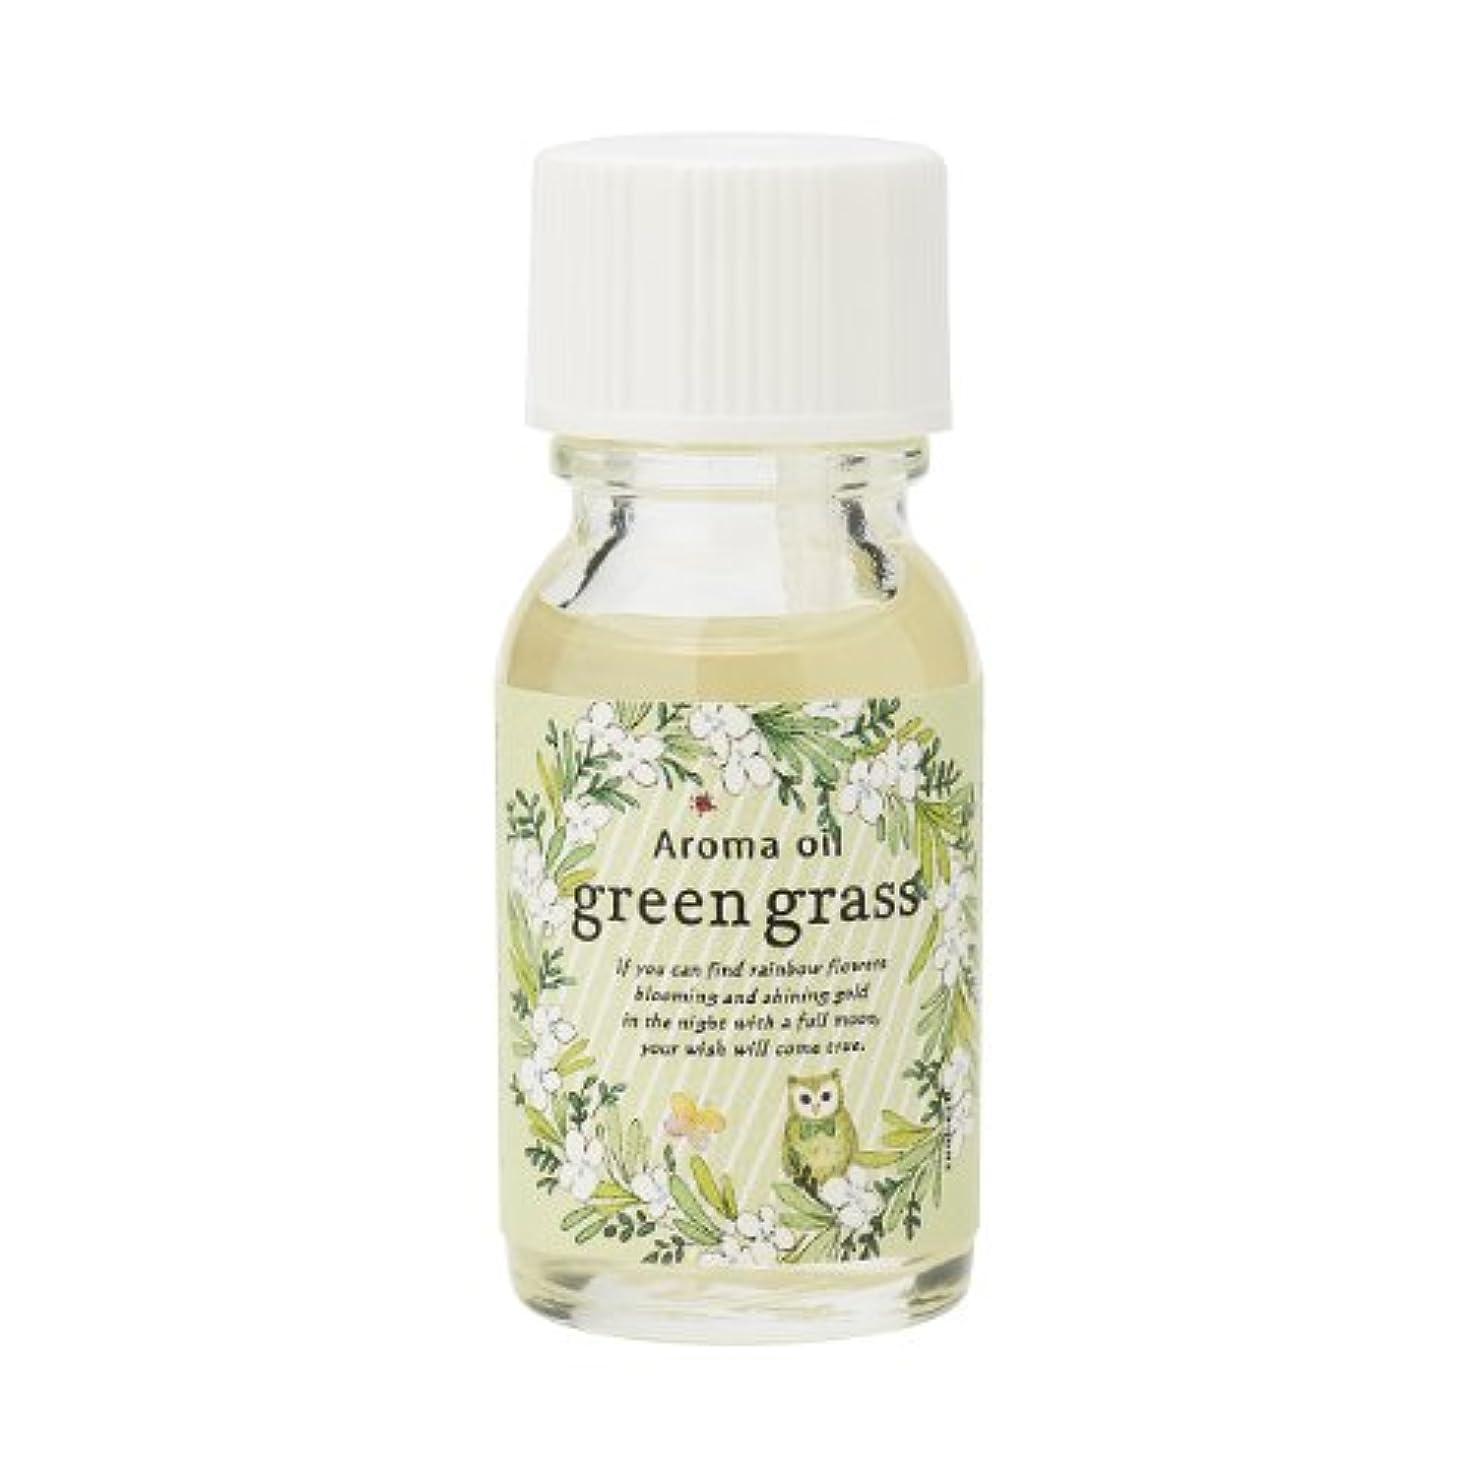 顔料パイプライン協力的サンハーブ アロマオイル グリーングラス 13ml(爽やかでちょっと大人の香り)